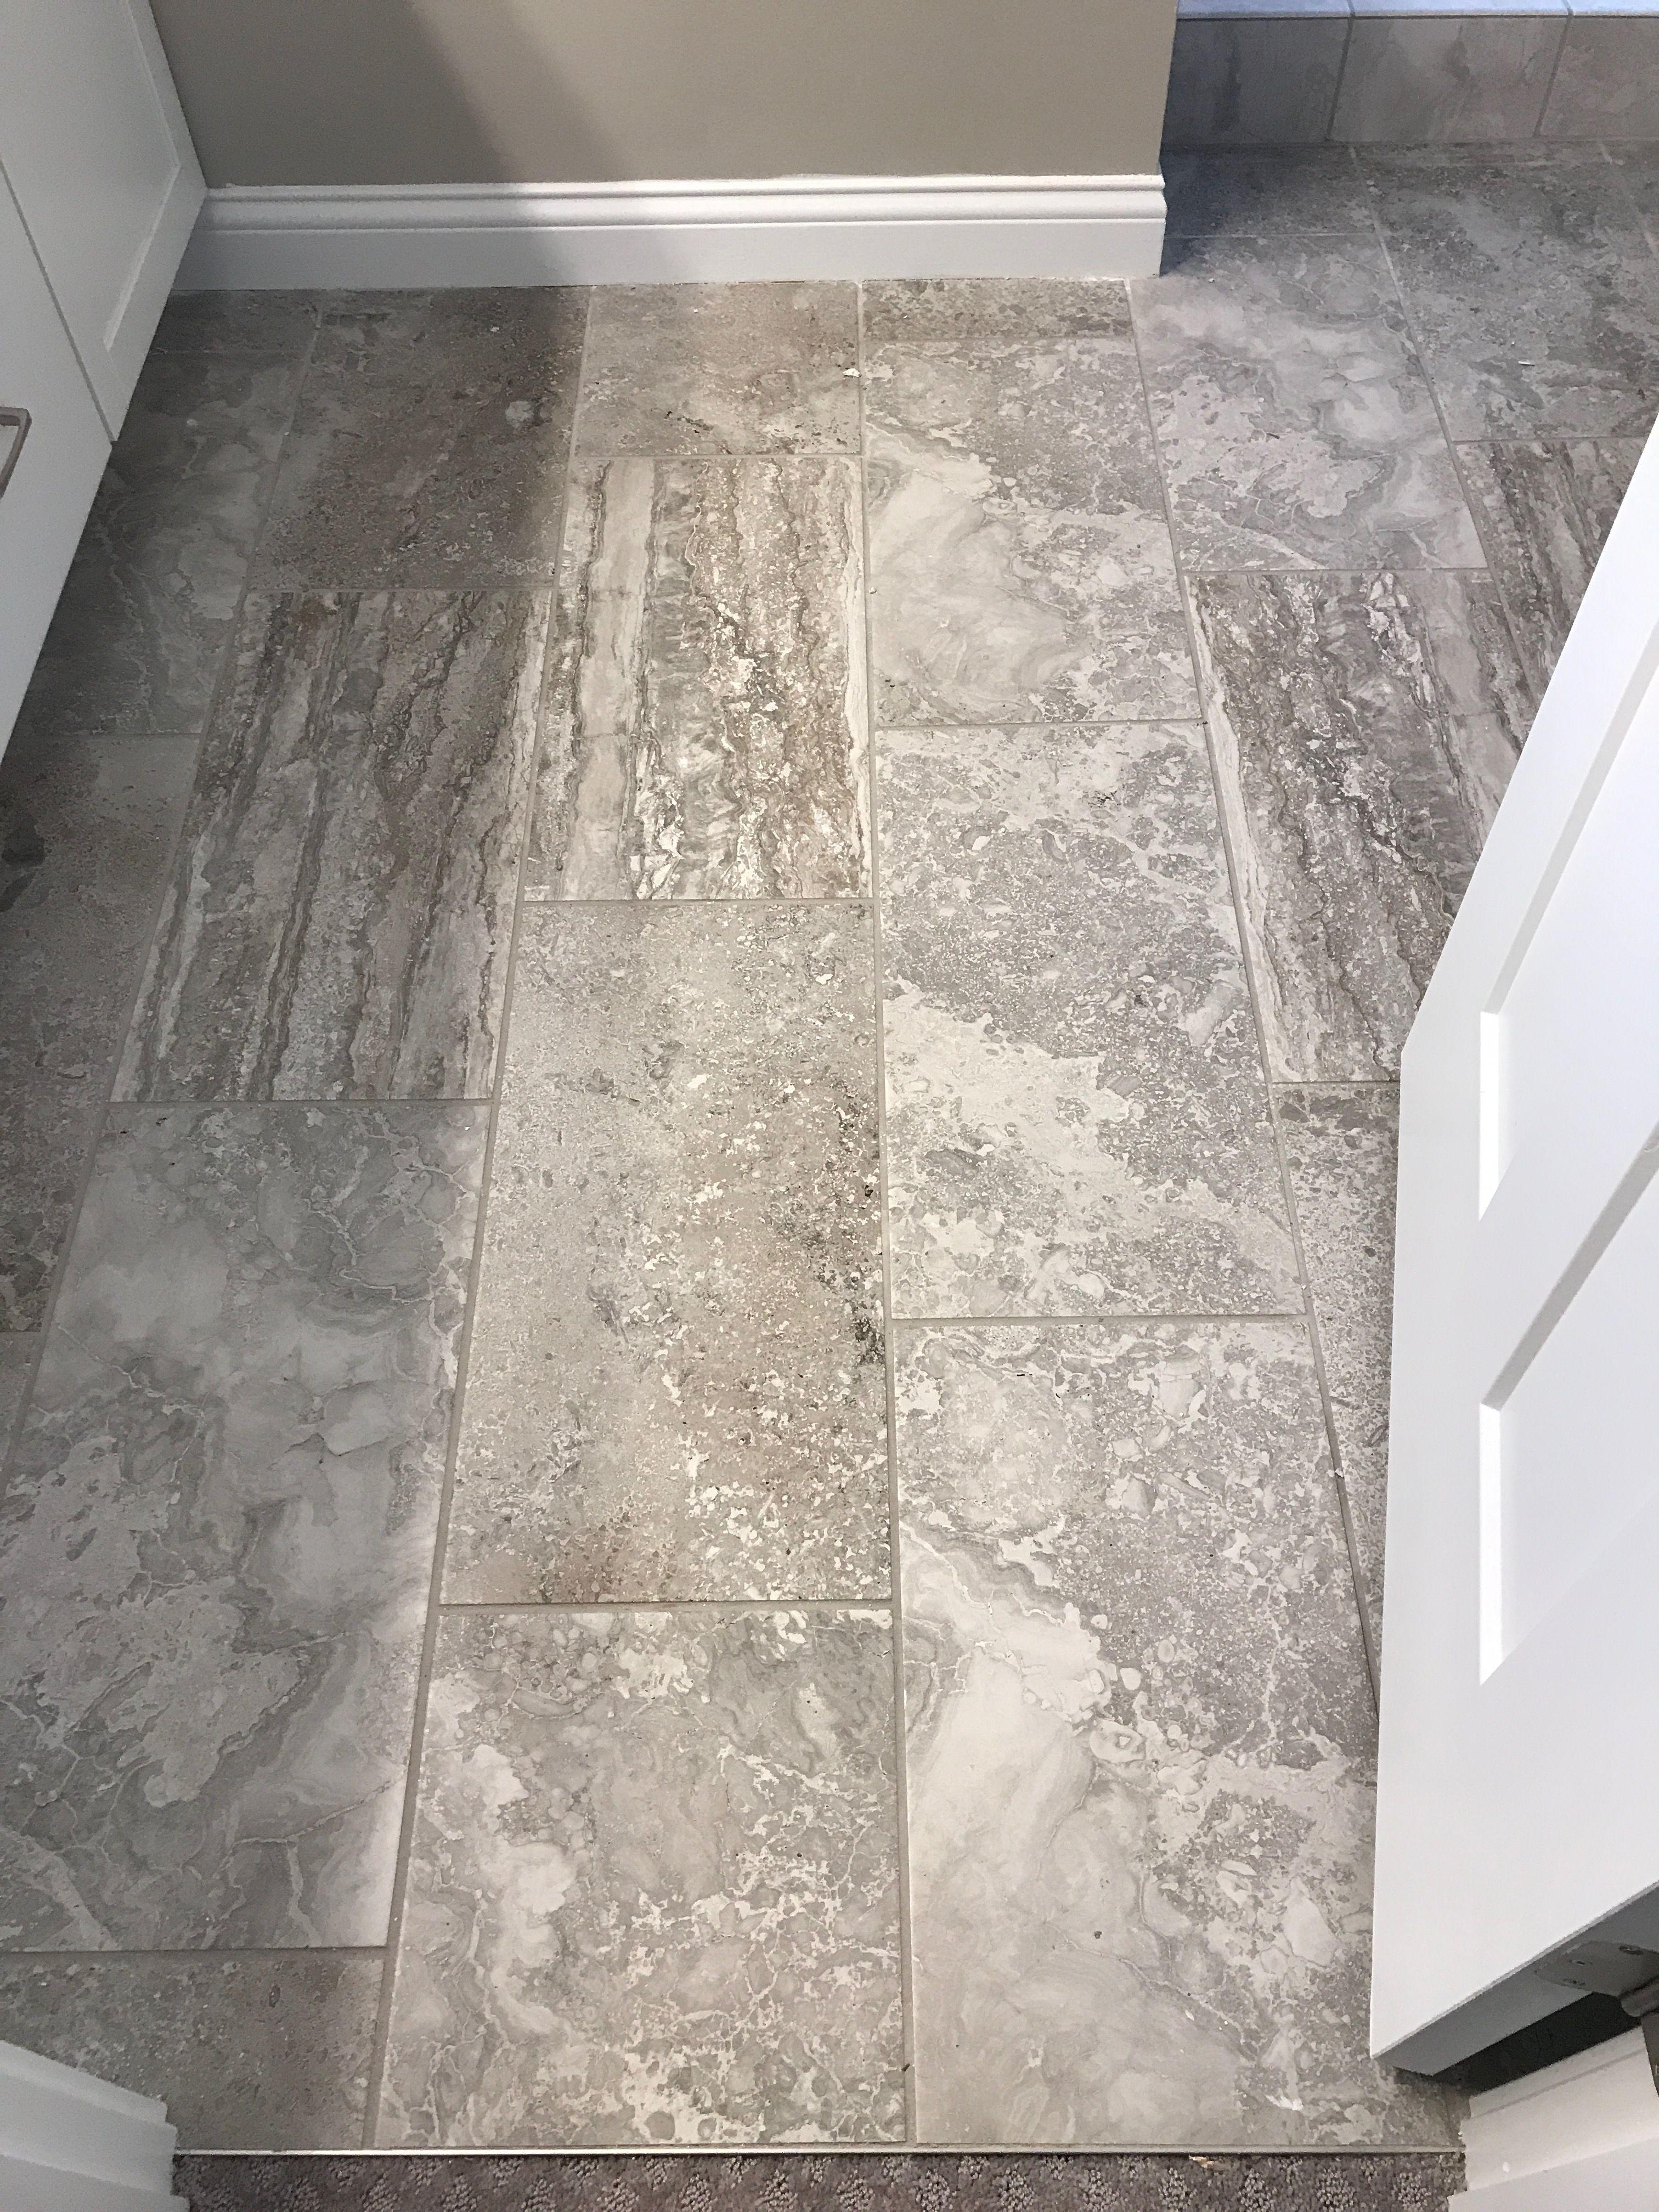 Exquisite Silverstone 12x24 Floor Tile Floor Tile In